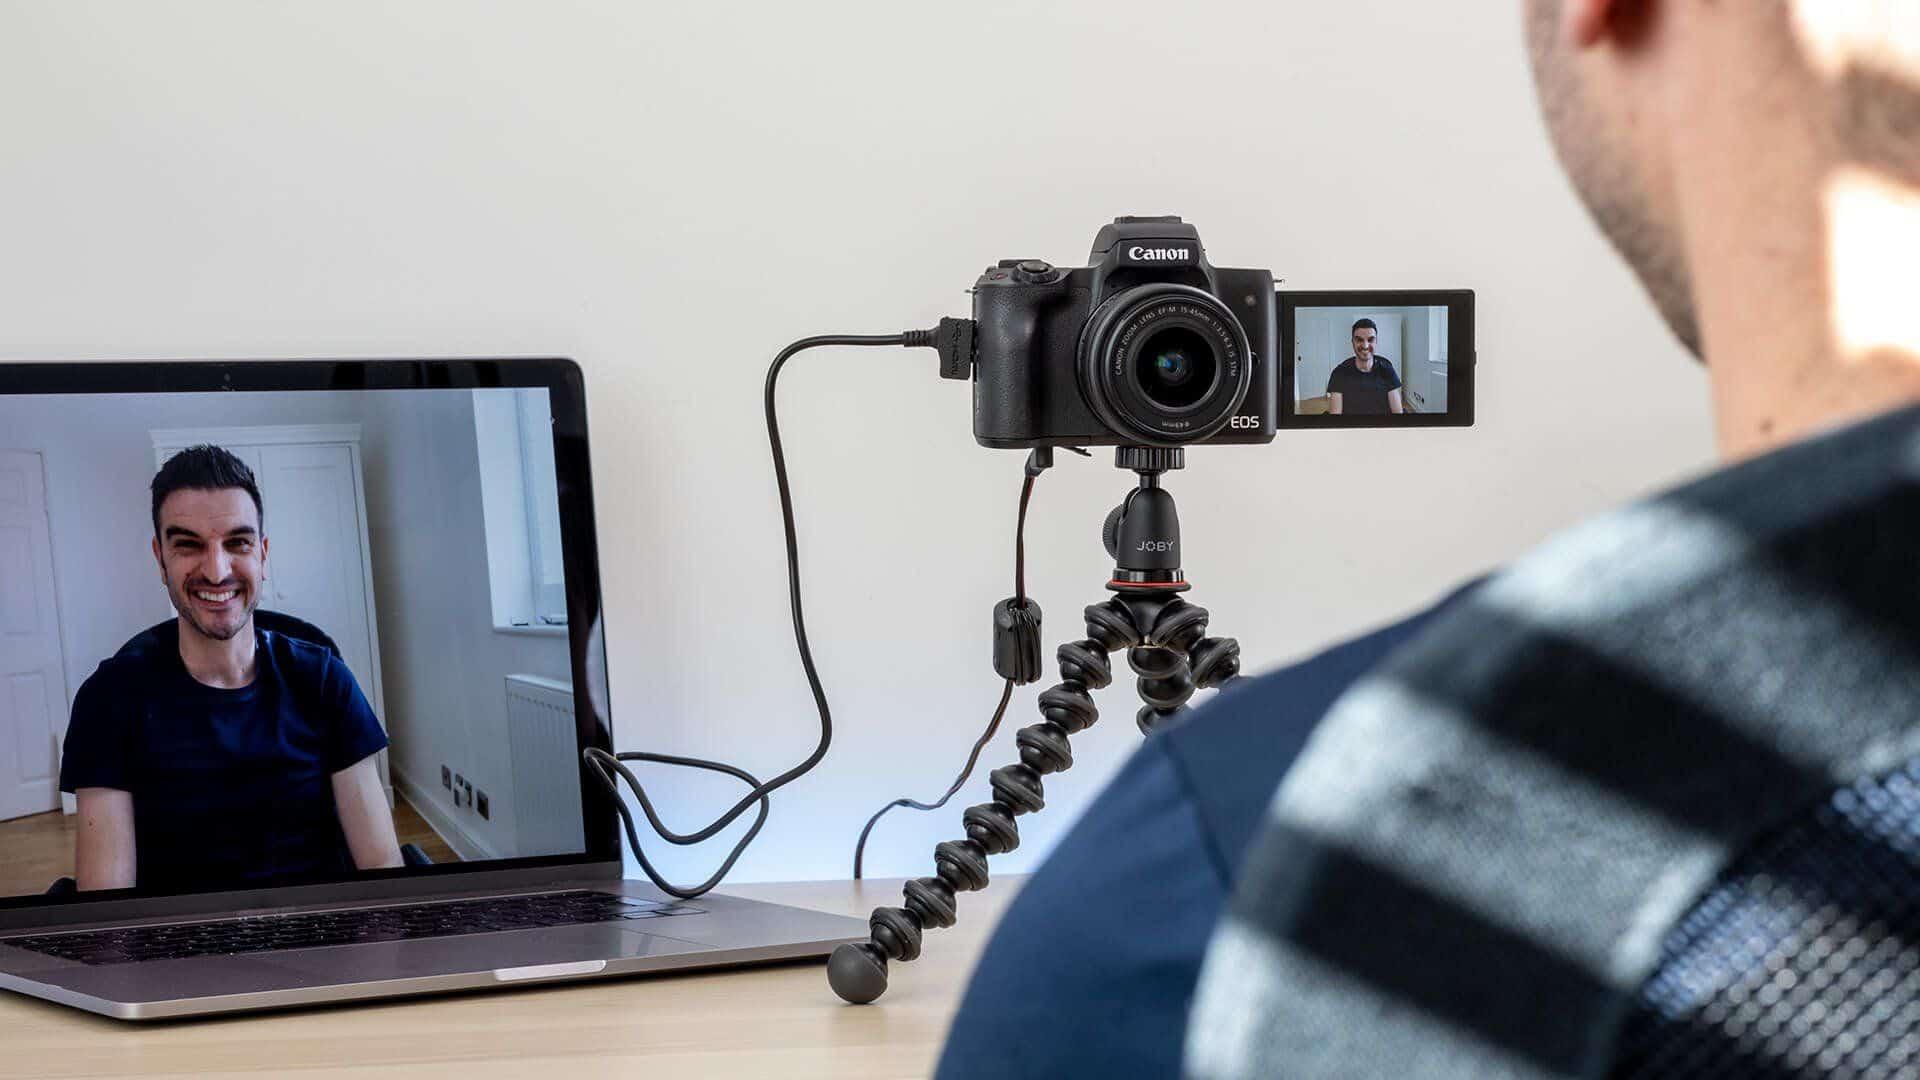 Câmera Canon como webcam